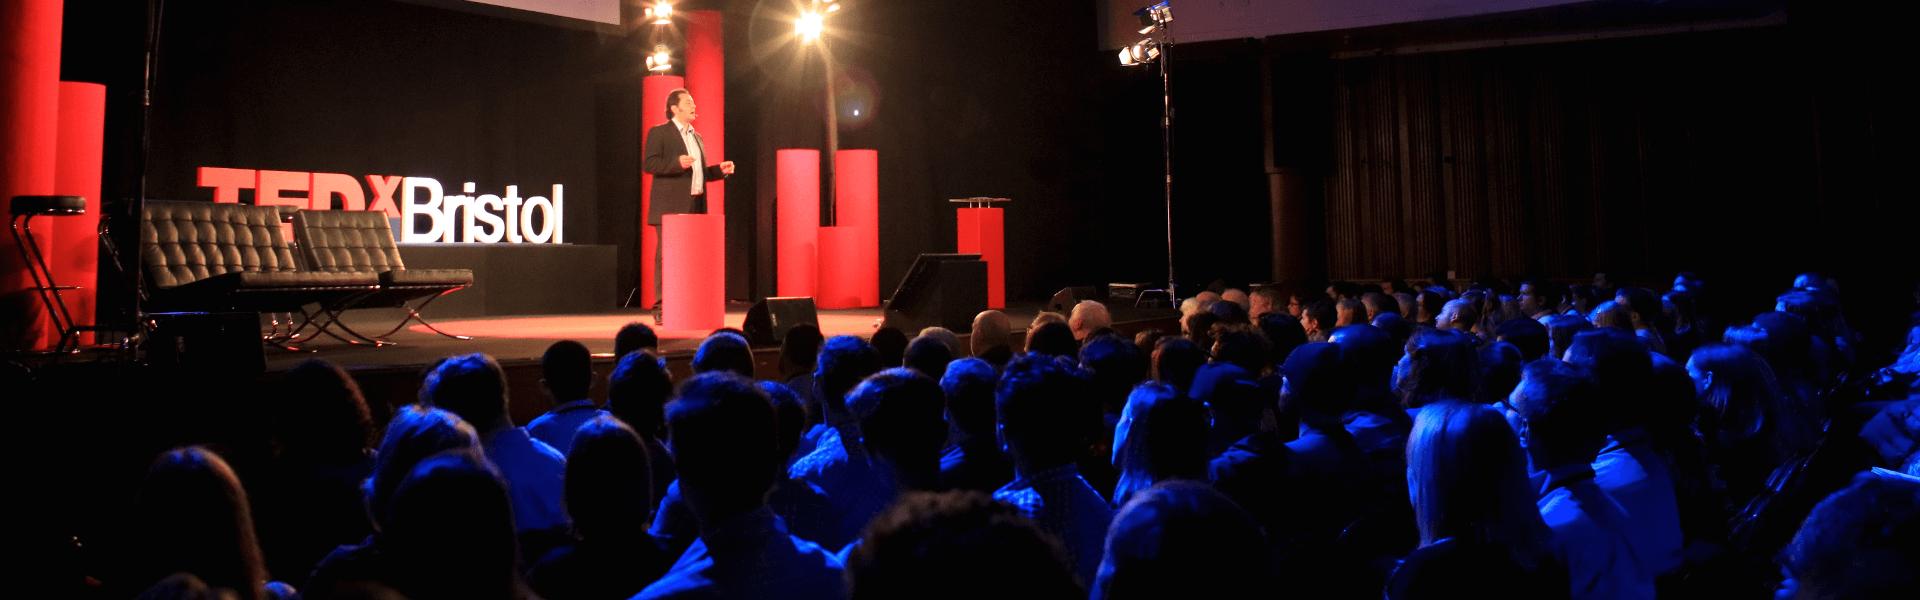 TEDx Bristol talk